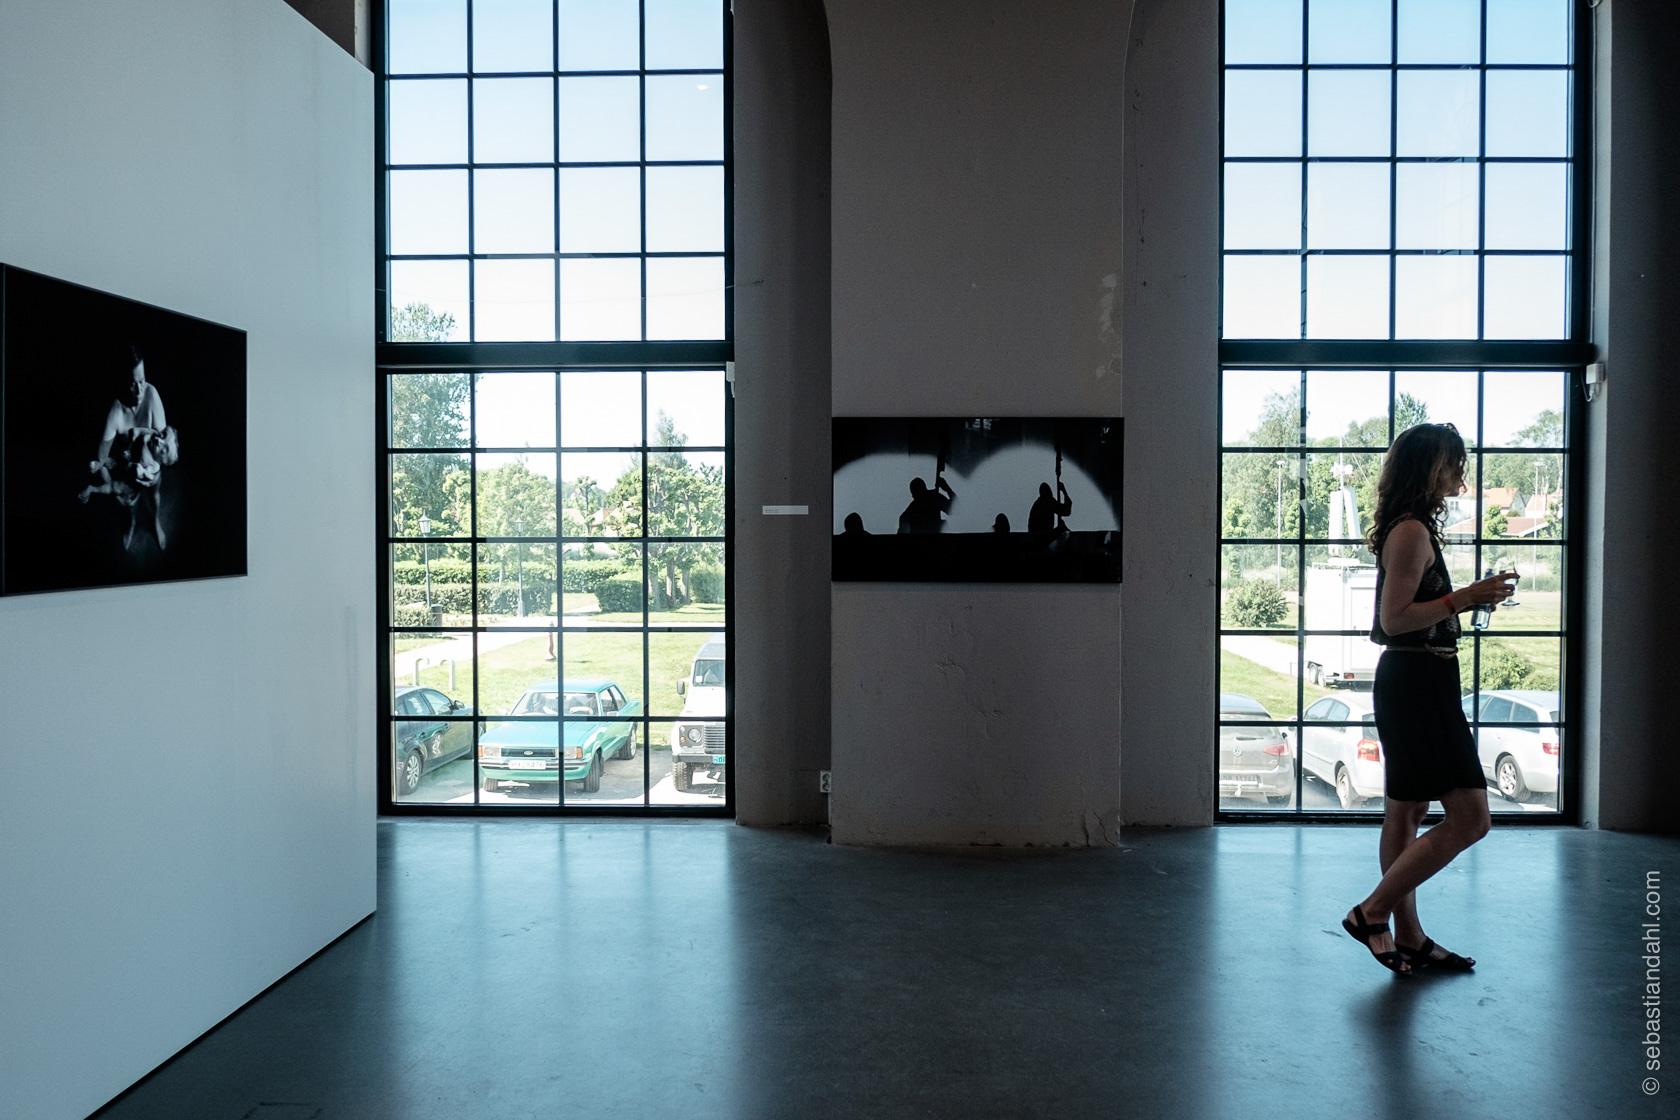 Åpning av utstillingsturné med bilder av den svenske fotografen Torbjörn Andersson, i Hydrogenfabrikken. Foto: Sébastian Dahl